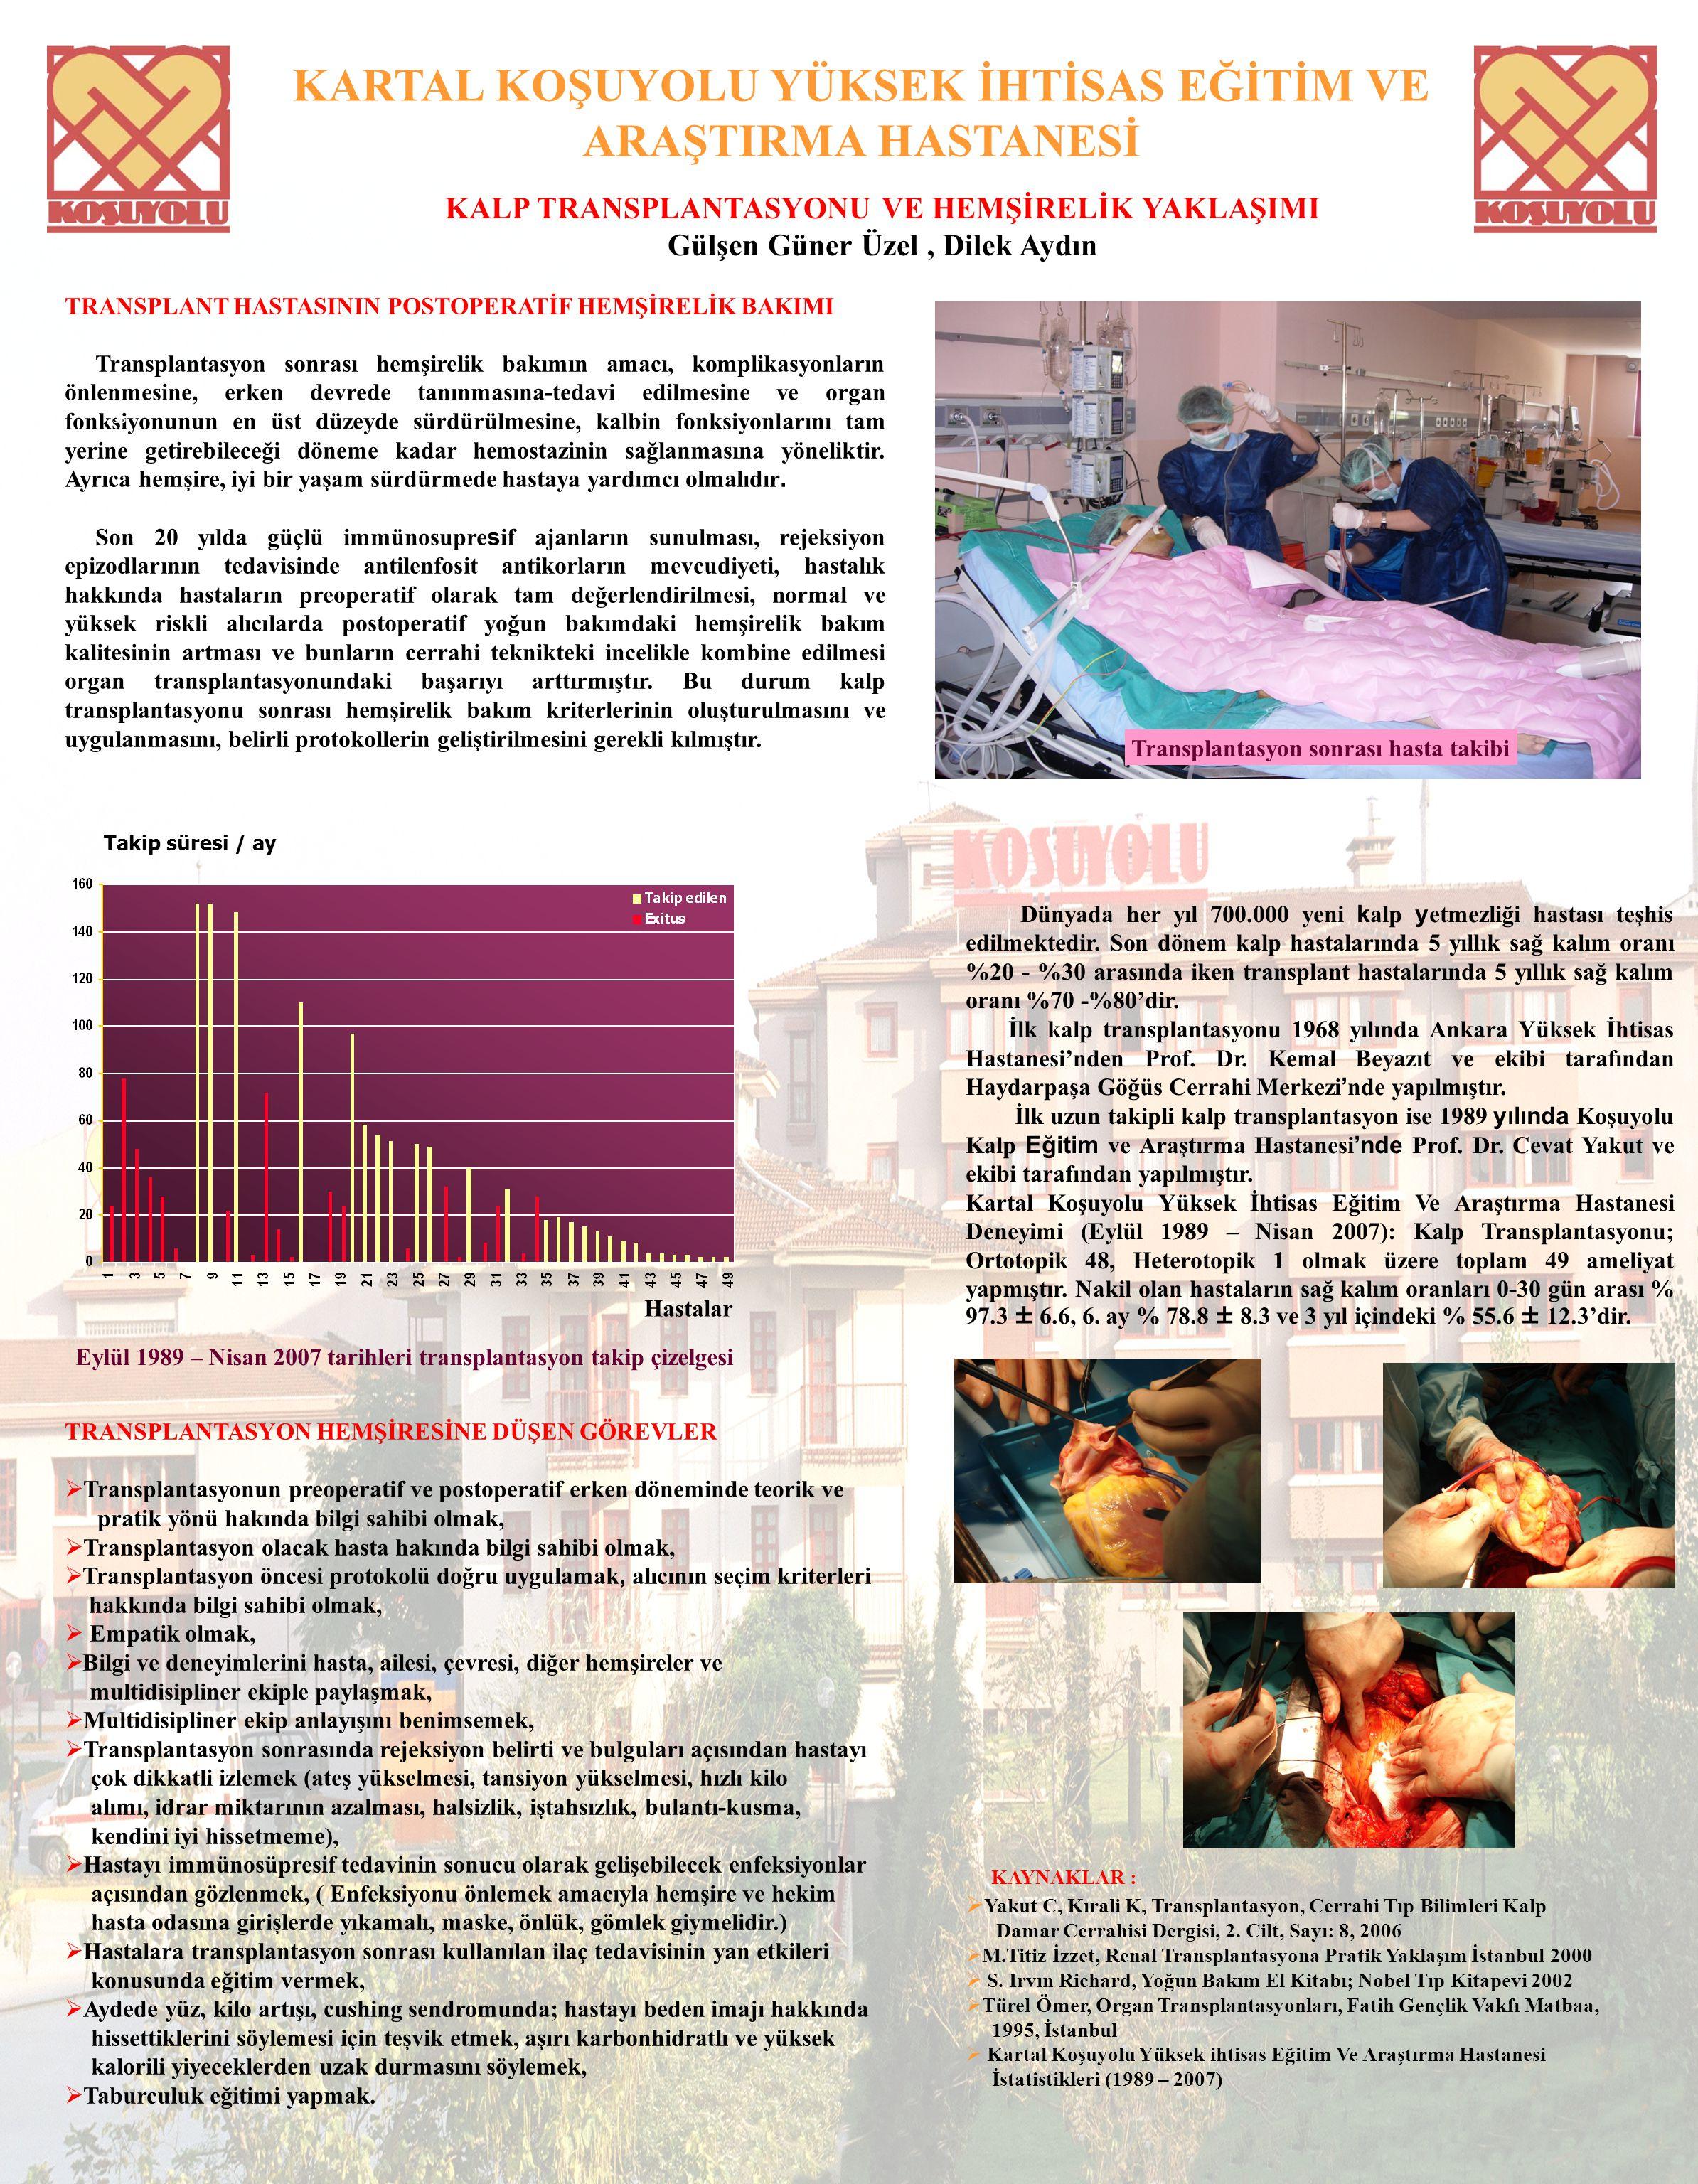 KARTAL KOŞUYOLU YÜKSEK İHTİSAS EĞİTİM VE ARAŞTIRMA HASTANESİ TRANSPLANT HASTASININ POSTOPERATİF HEMŞİRELİK BAKIMI Transplantasyon sonrası hemşirelik b